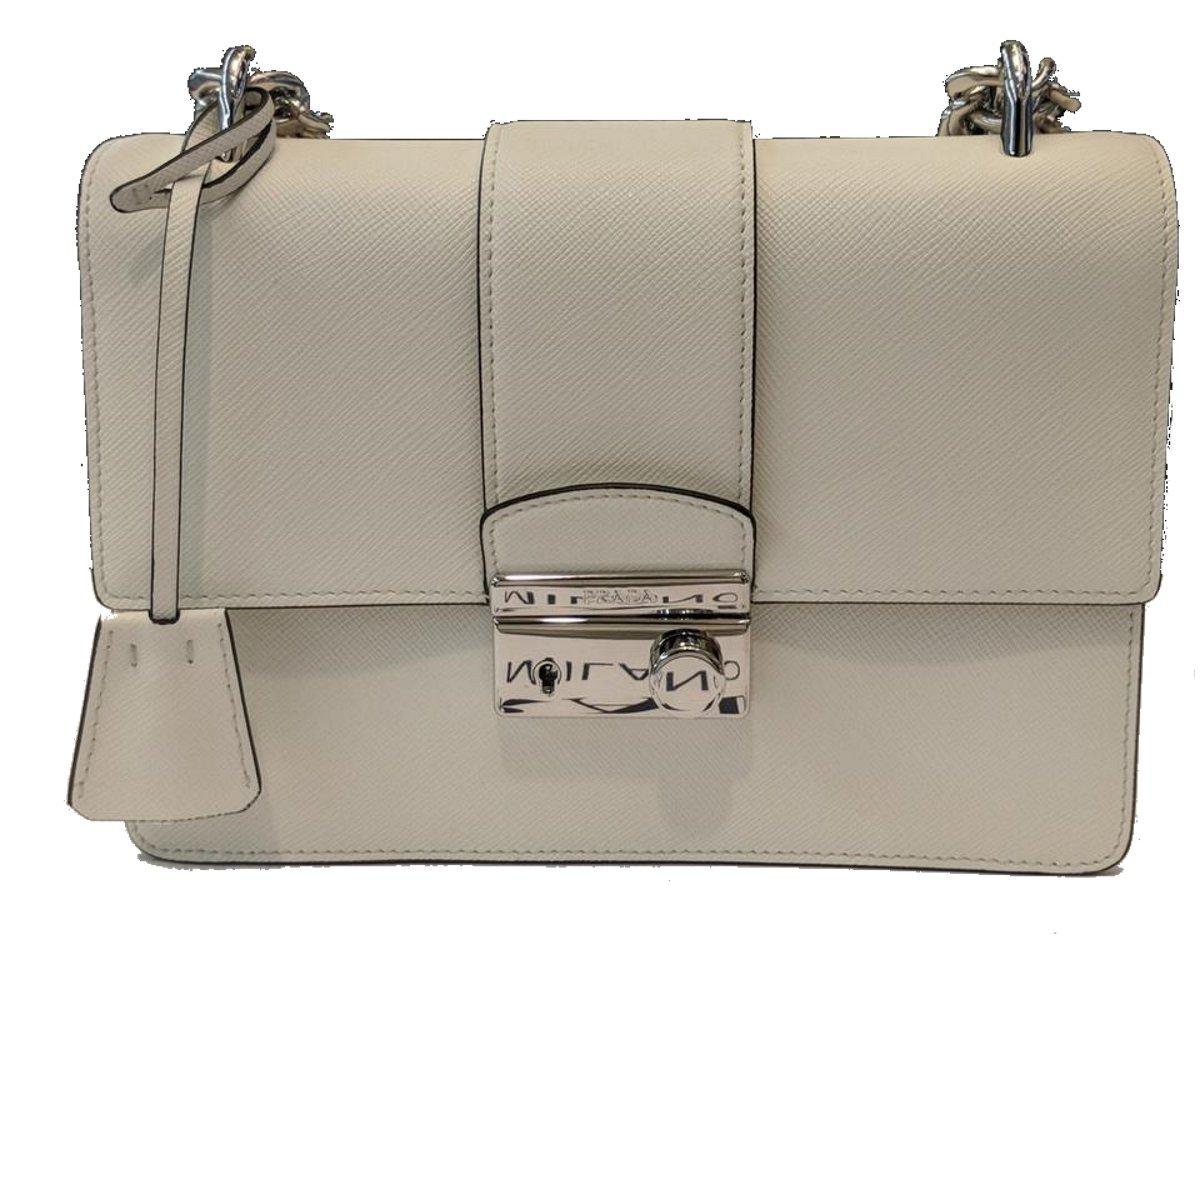 4efbb8e4a Prada White Saffiano Designer Leather Crossbody Bag for Women 1BD034:  Handbags: Amazon.com